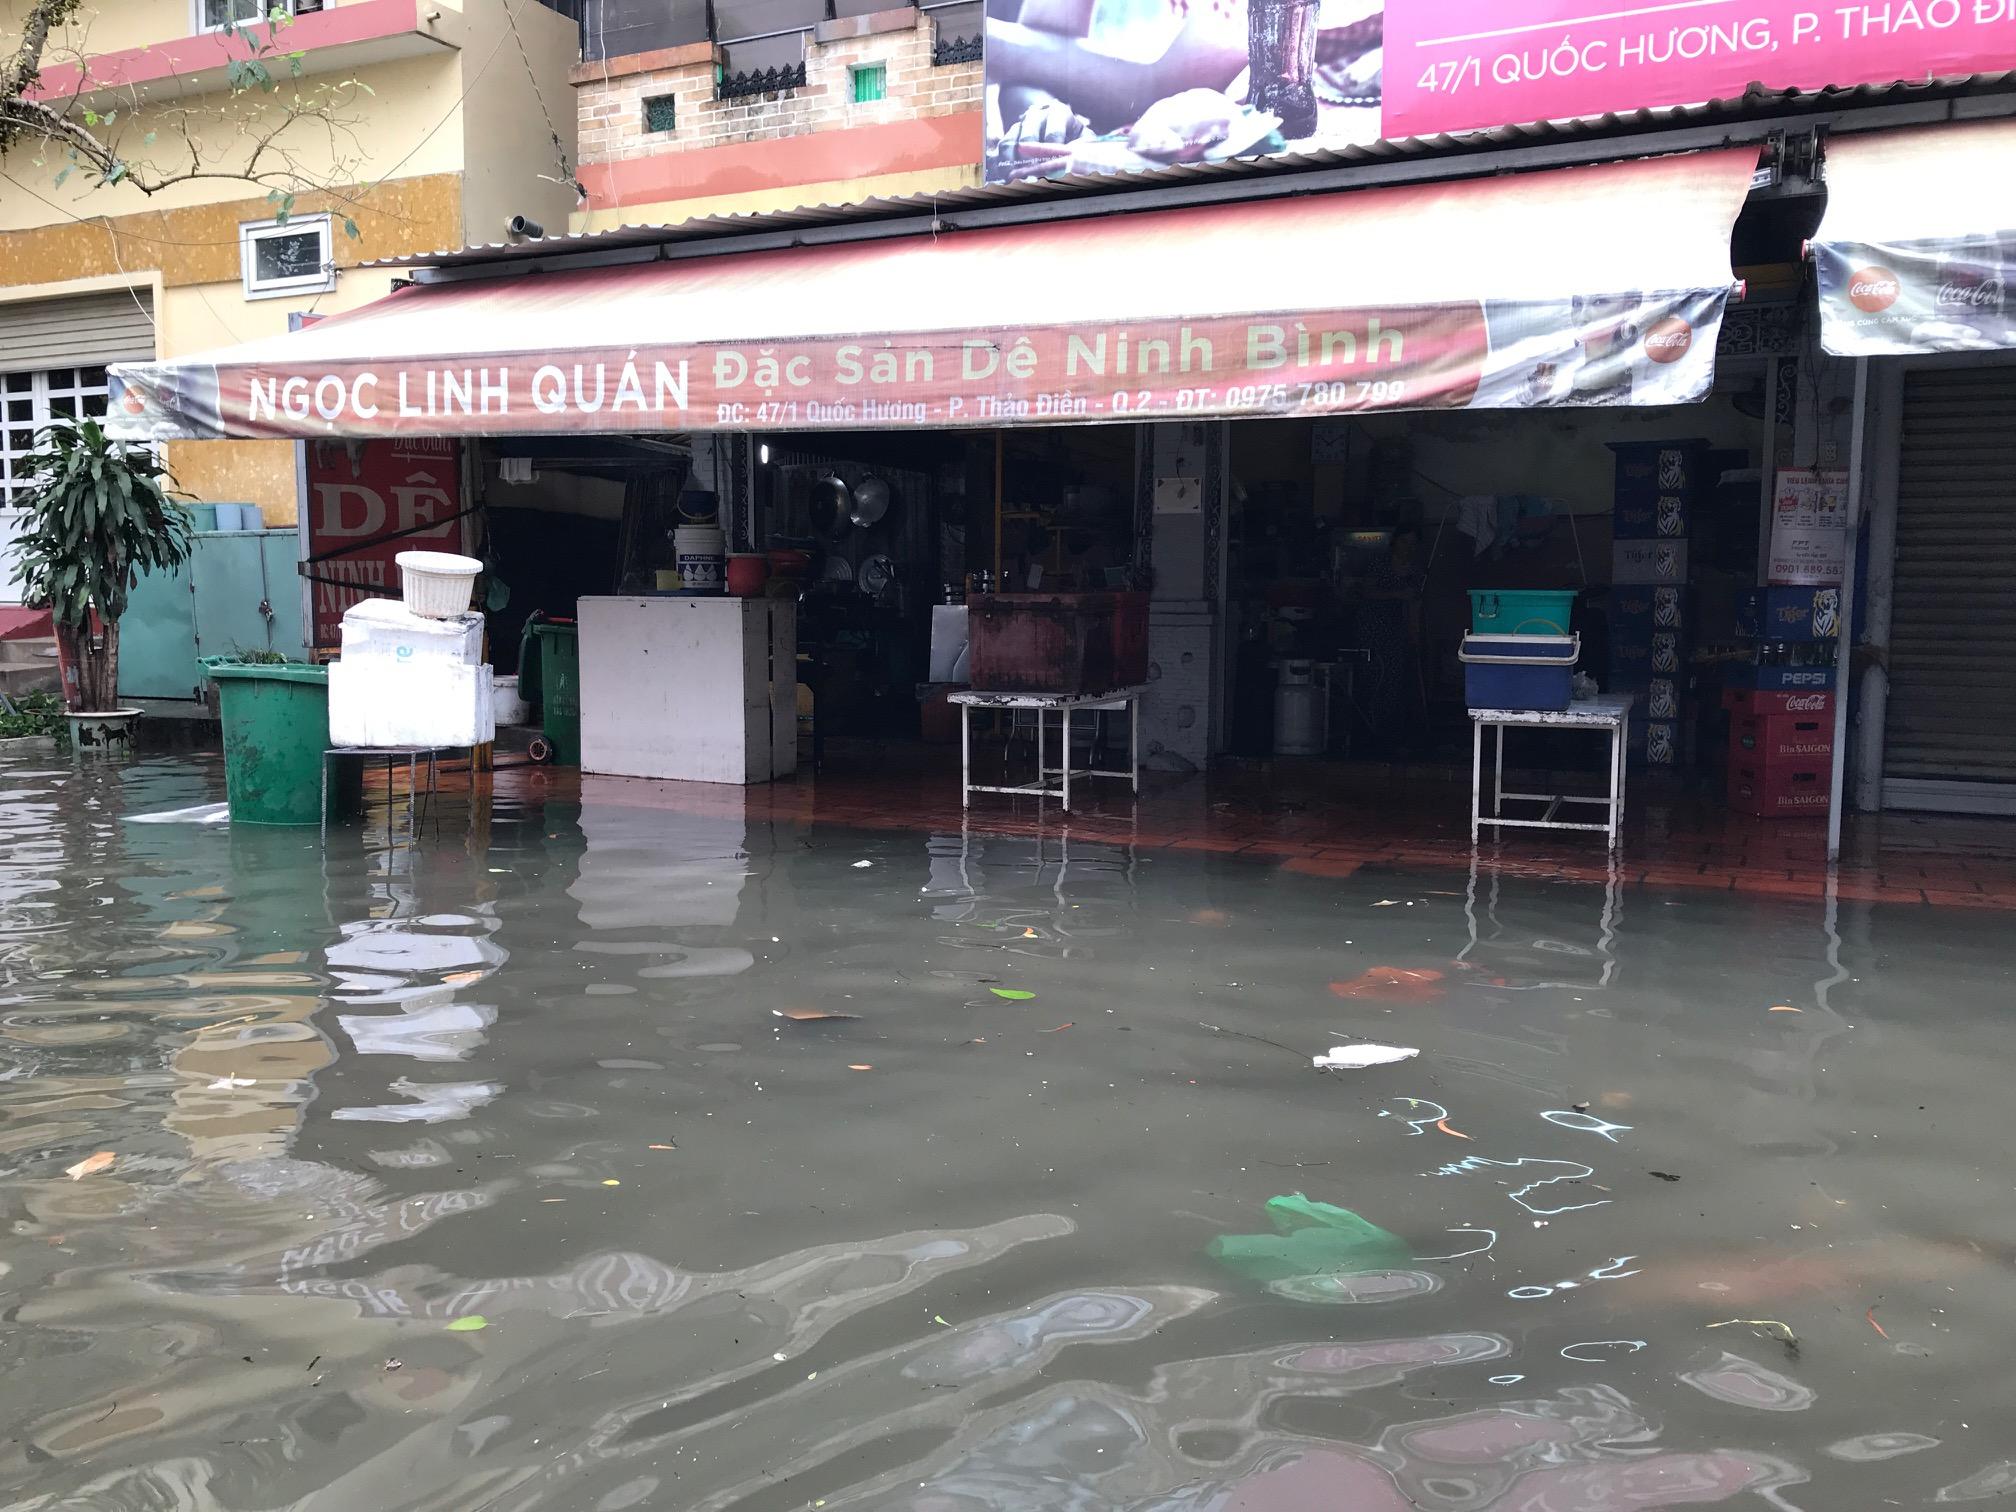 TPHCM ngập, giao thông ùn ứ sau cơn mưa kéo dài do ảnh hưởng bão số 9 ảnh 10